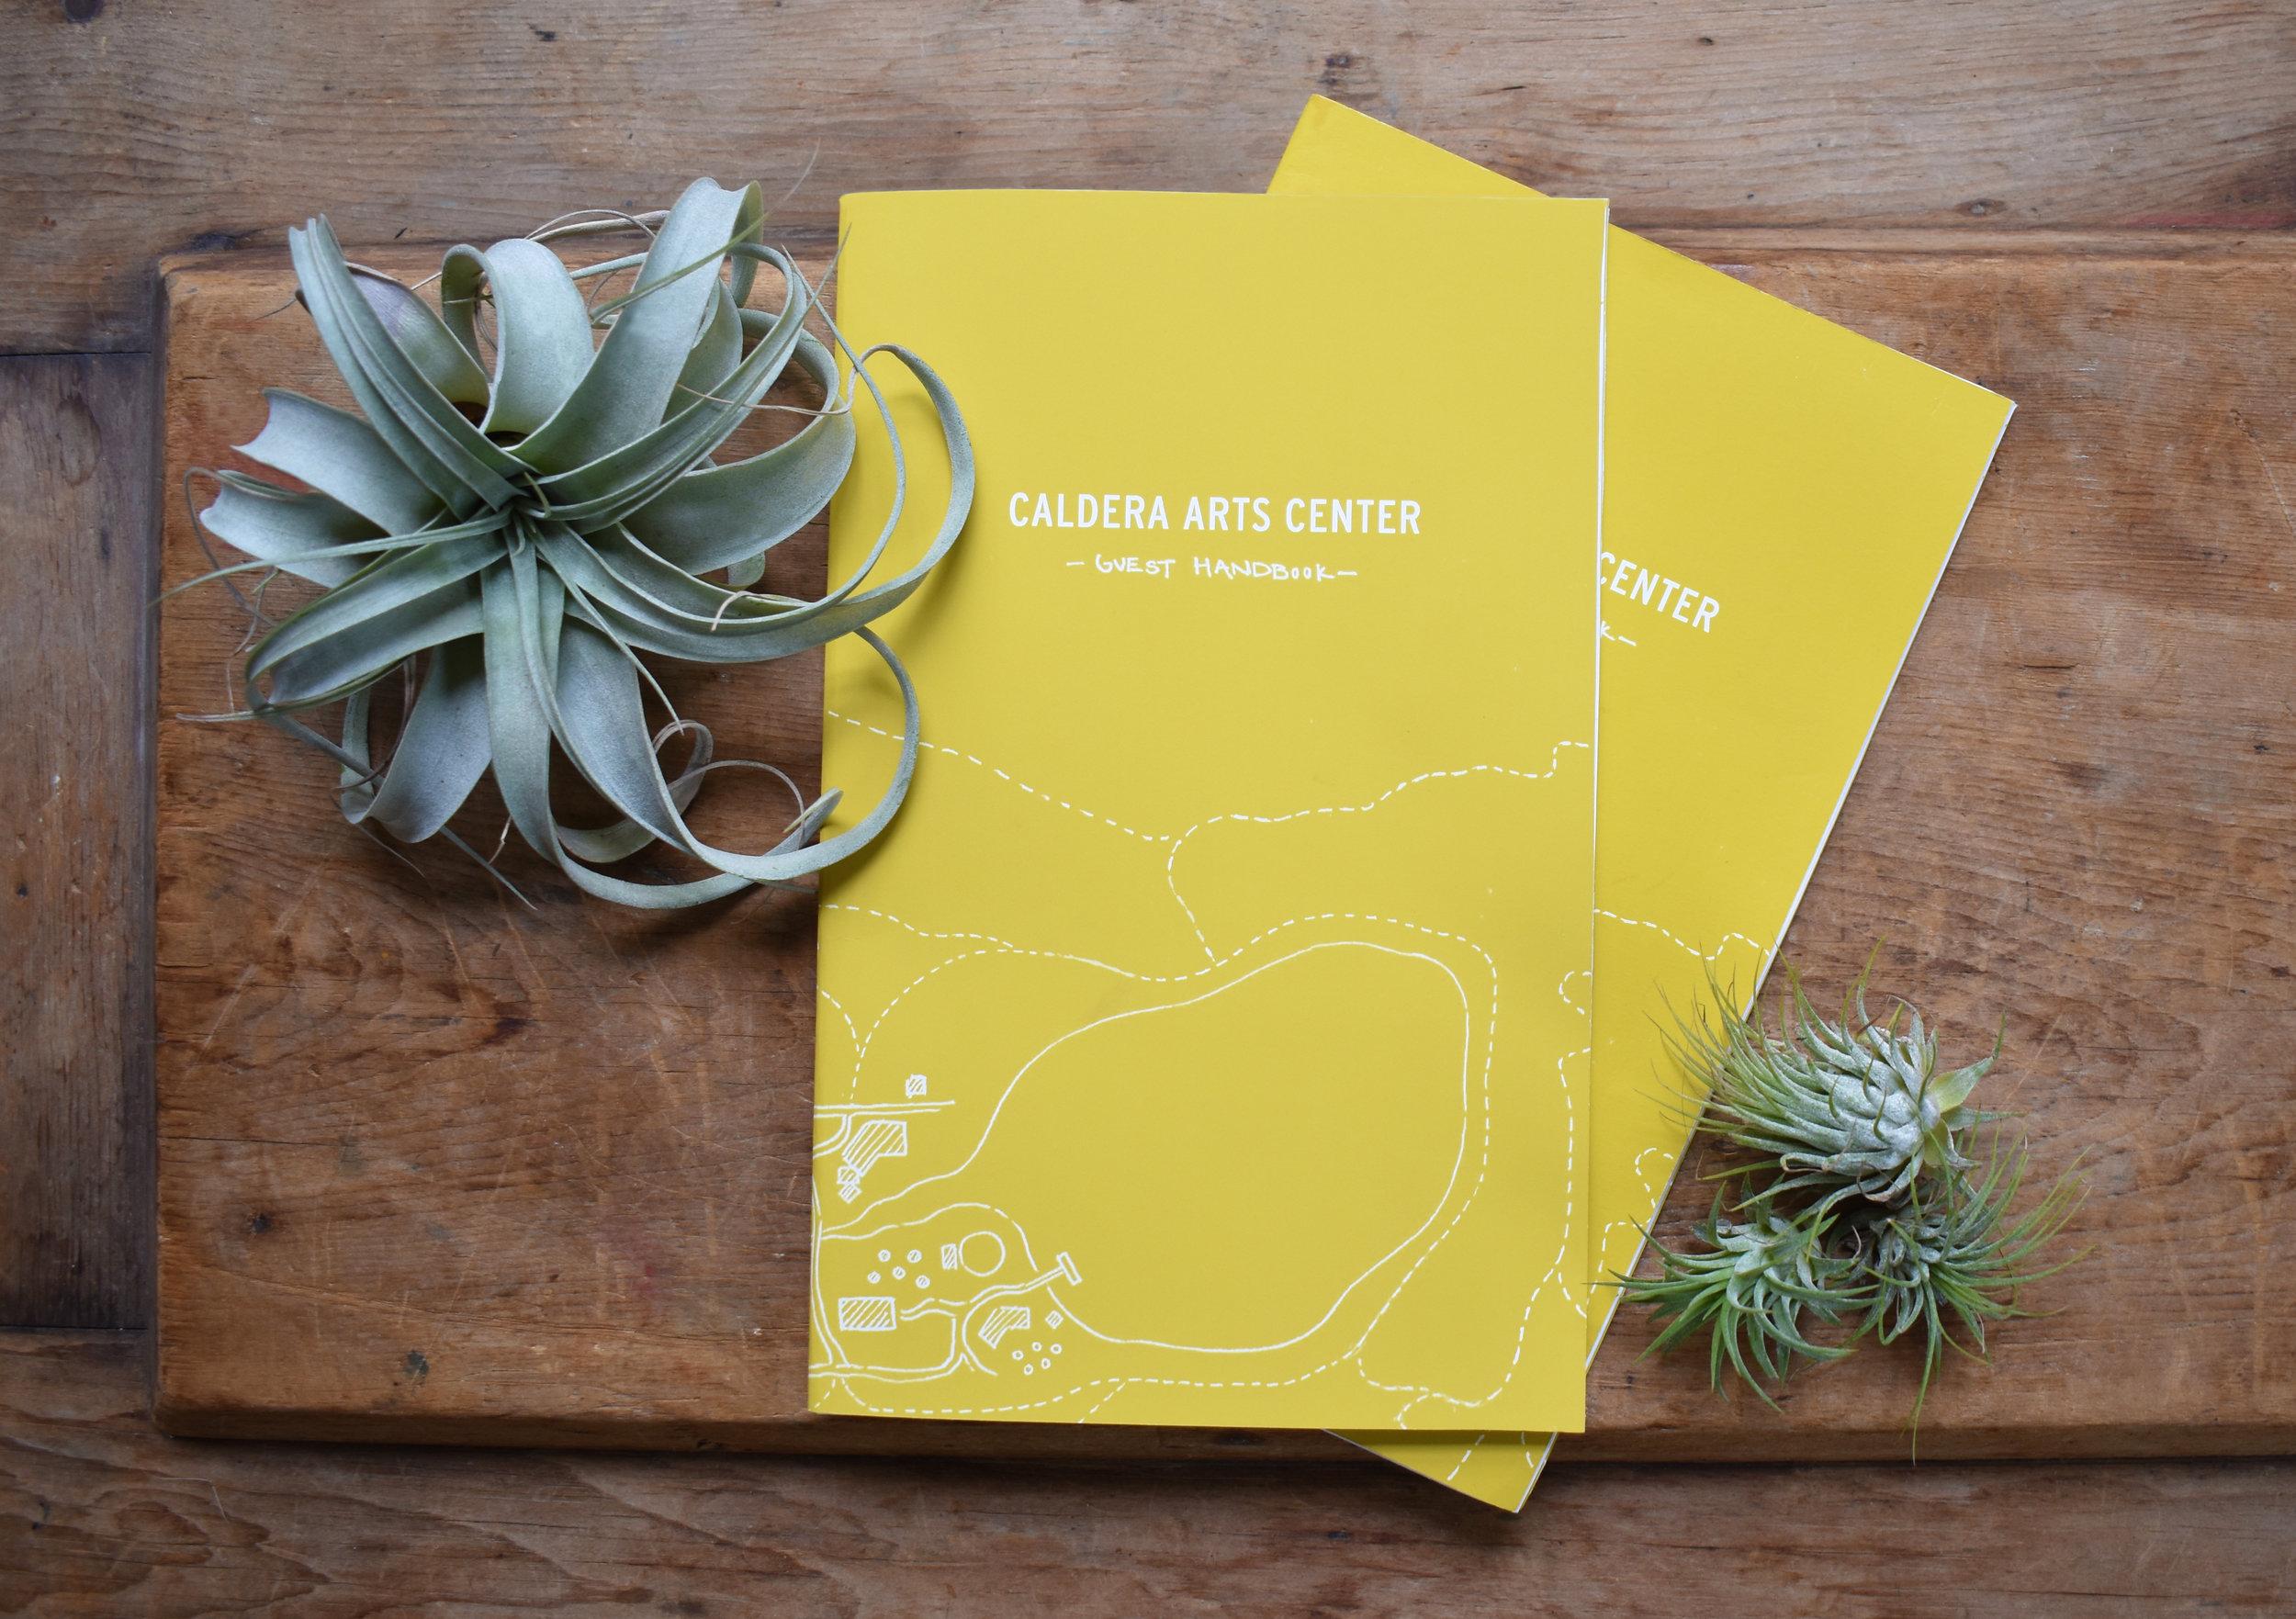 caldera guest handbook.jpg